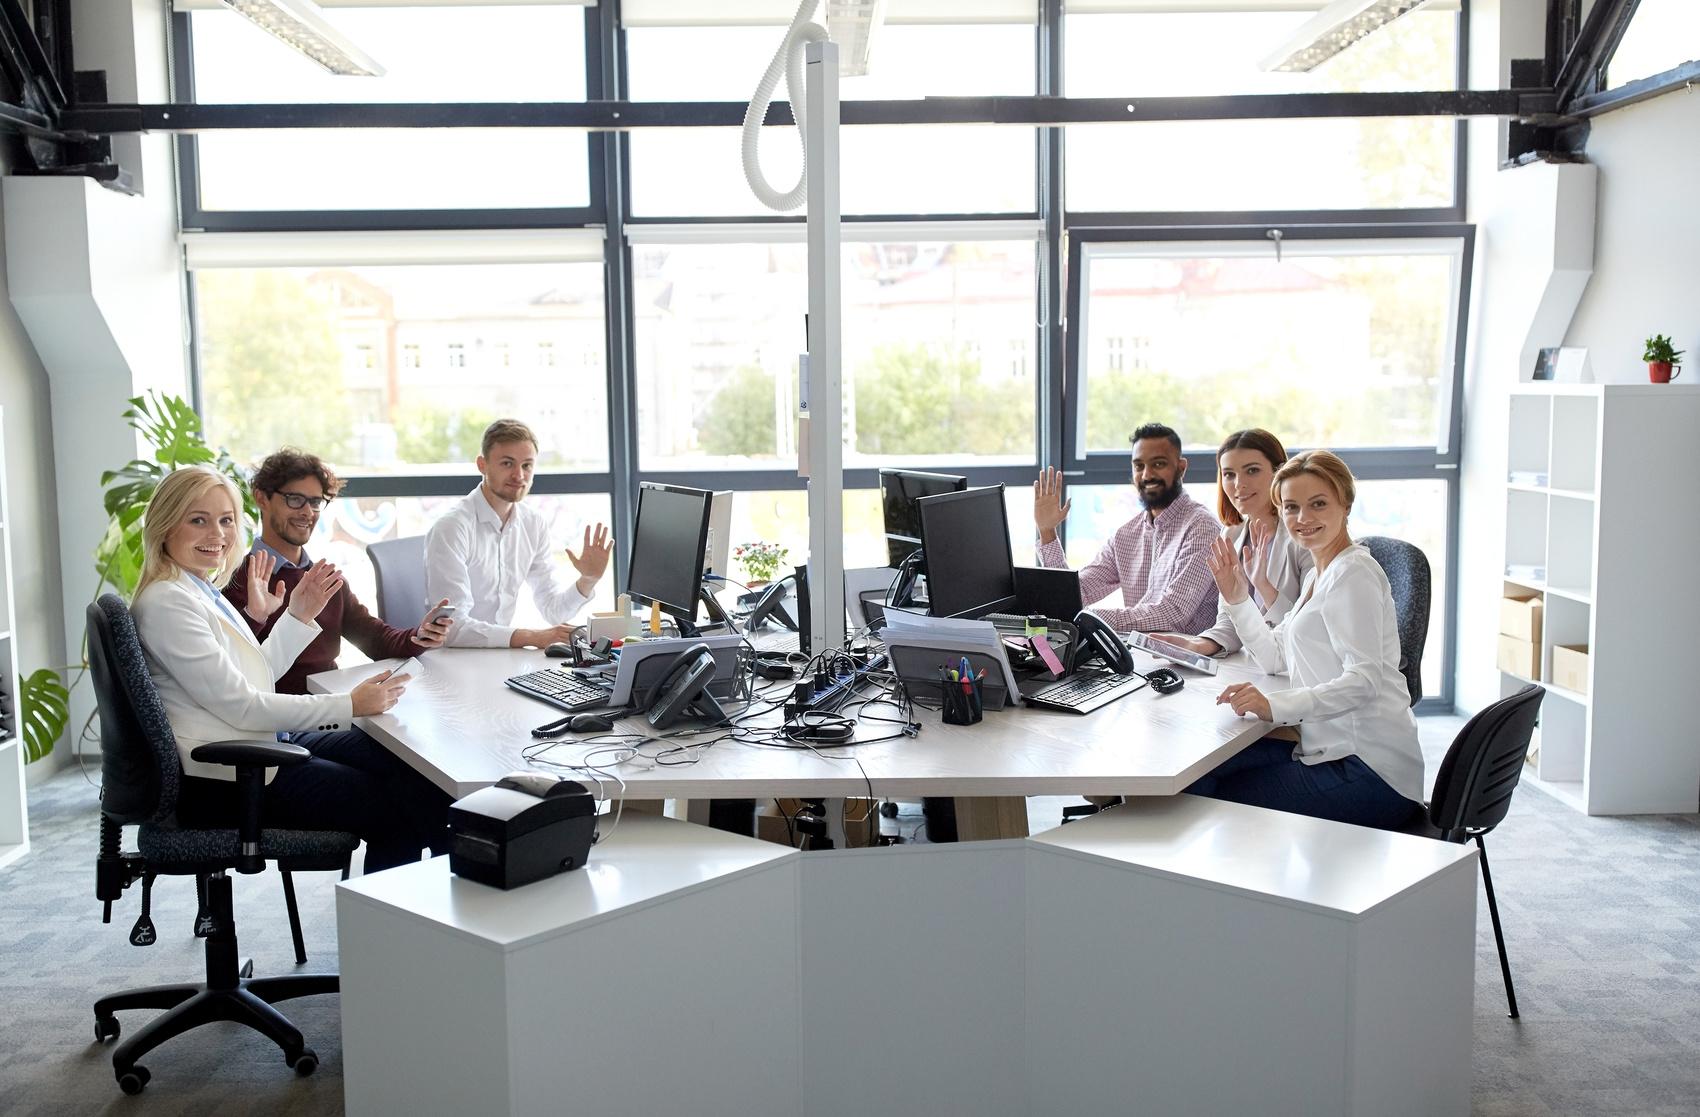 interkulturelle kompetenz im team